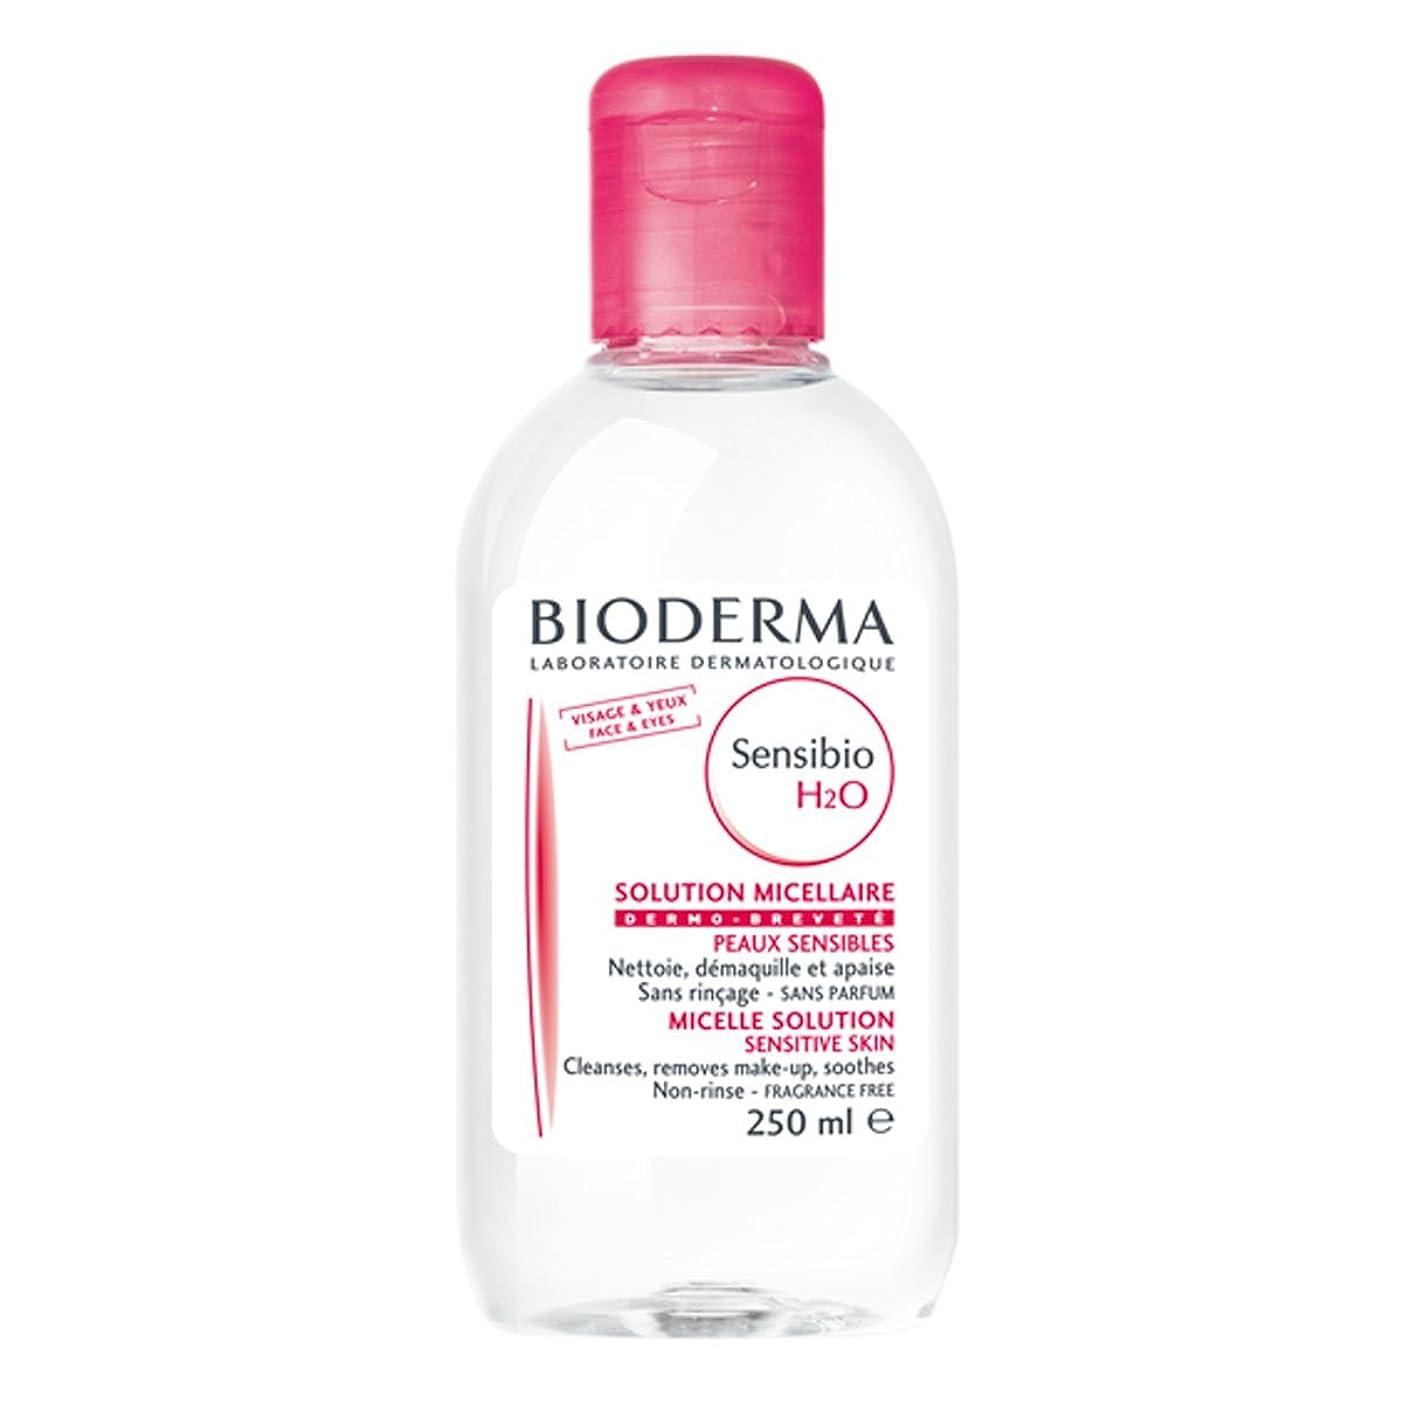 適合しました不良経度ビオデルマ(BIODERMA) サンシビオ H2O D (エイチツーオーD) 250ml[並行輸入品]